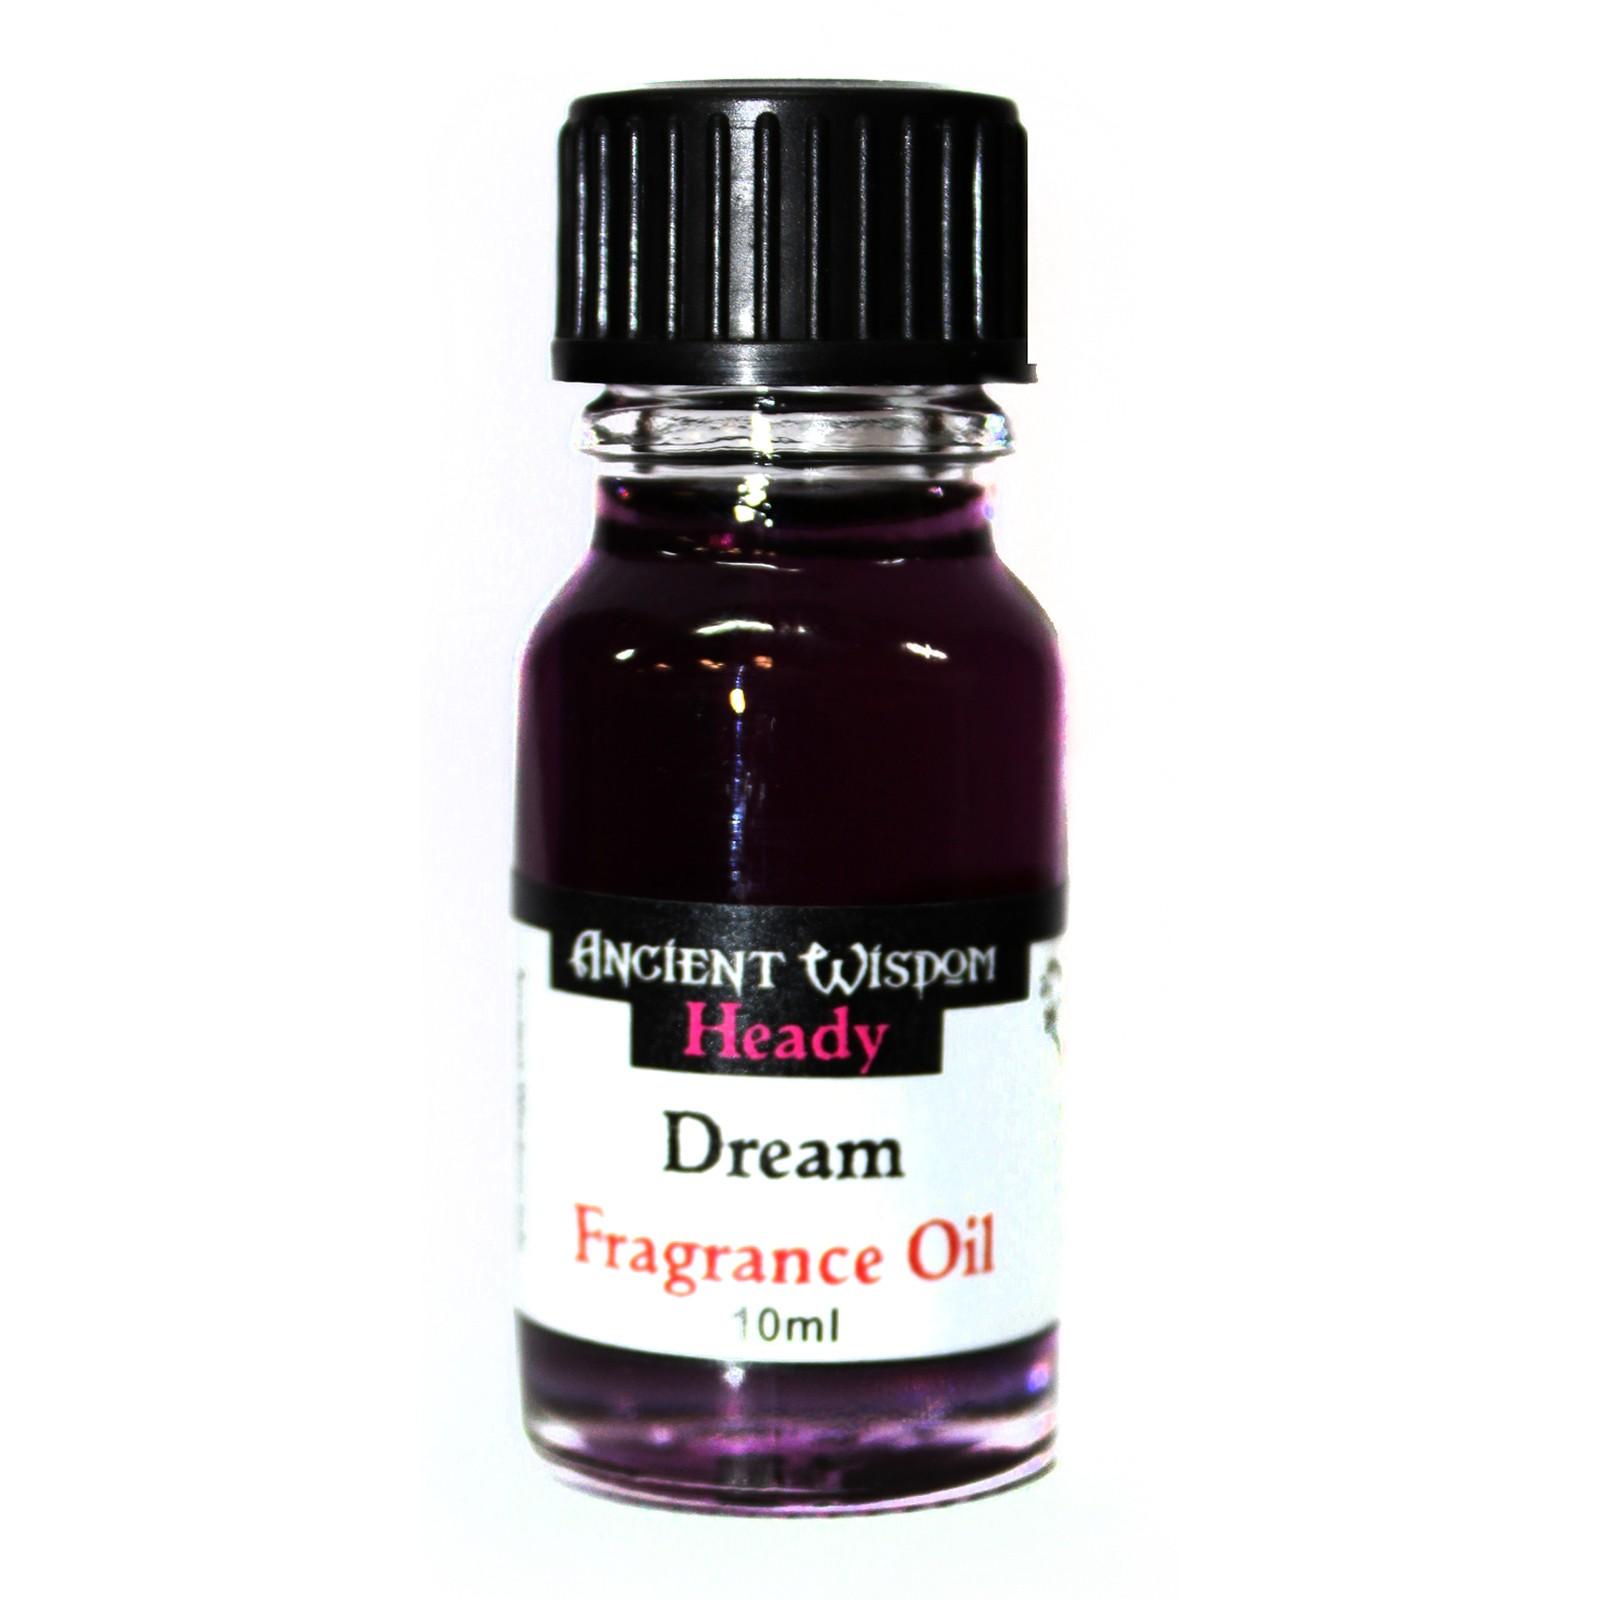 10ml Dream Fragrance Oil